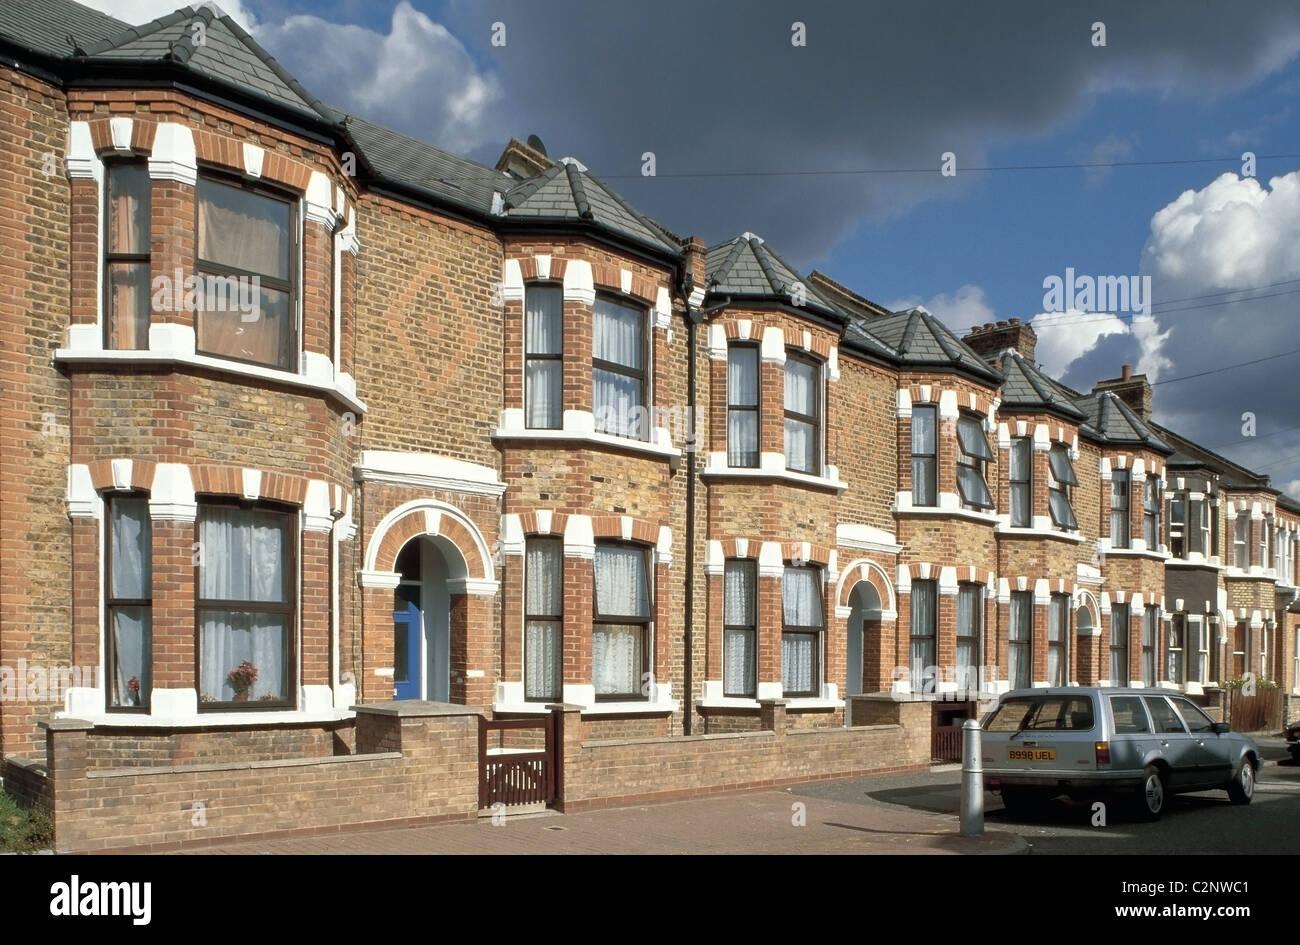 Terrace, Lambeth, London. - Stock Image